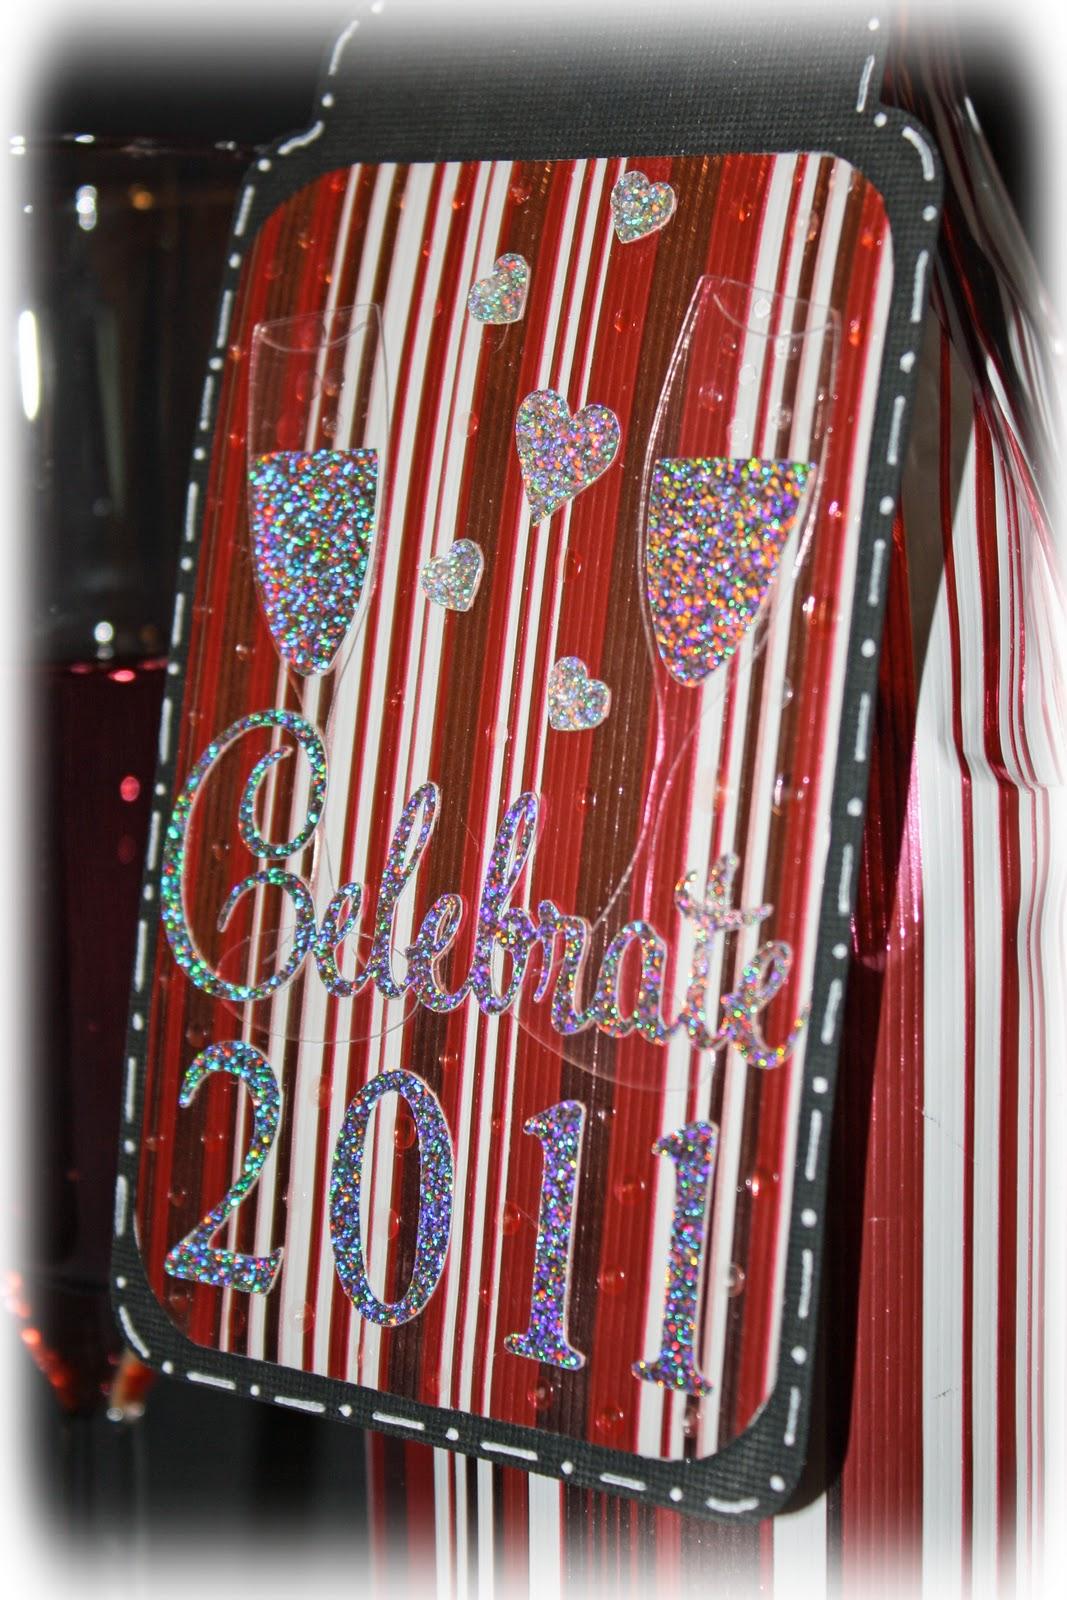 http://4.bp.blogspot.com/_rYUGJxEcmQM/TSAjTQwDOHI/AAAAAAAAAfU/eFOYxiDKsOA/s1600/Celebrate4.jpg